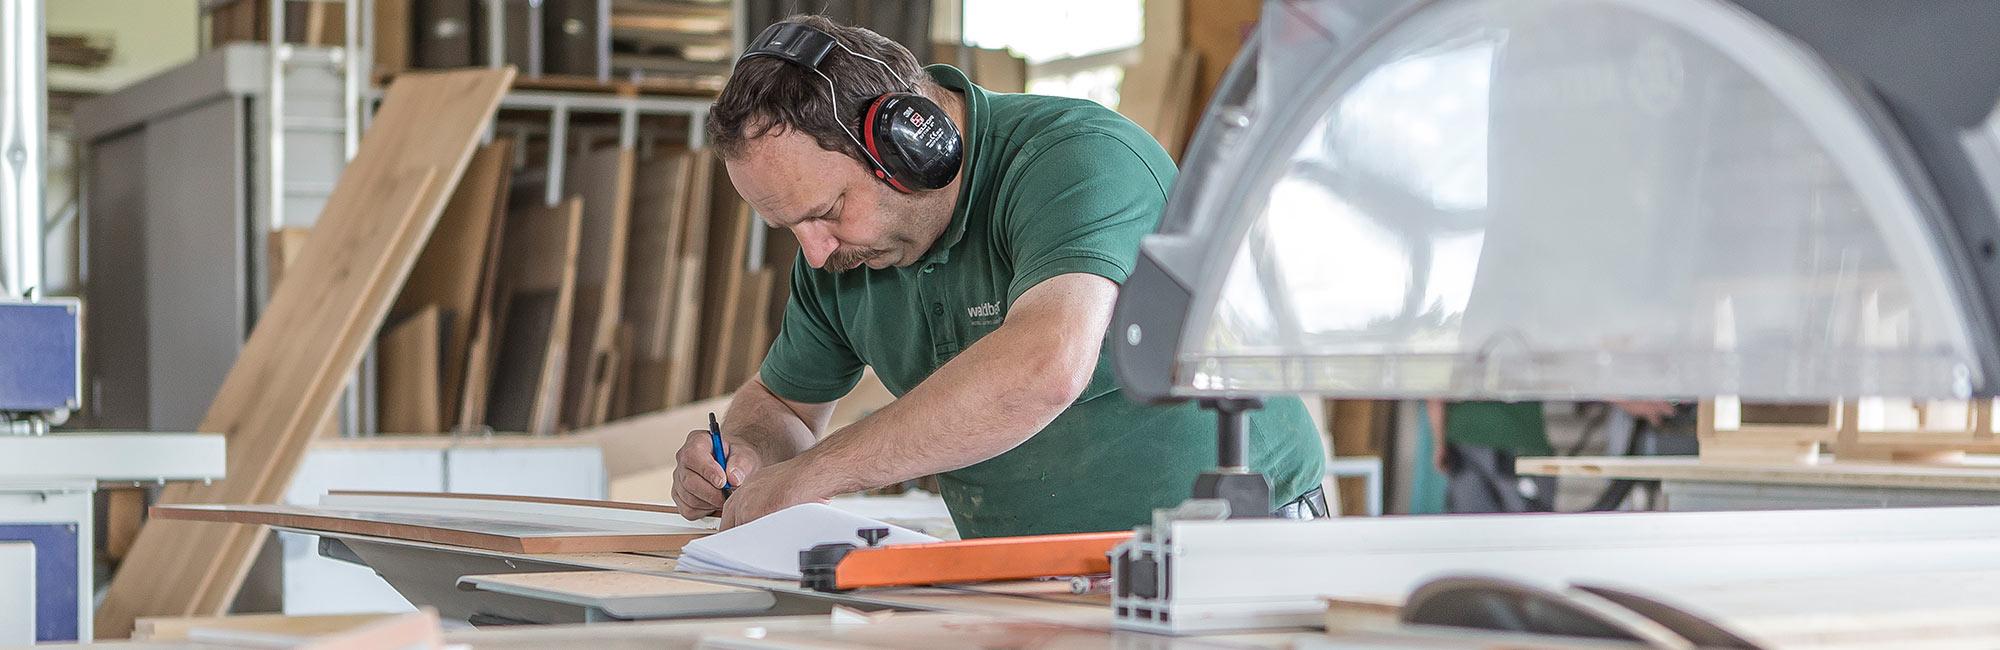 Jobangebote für Schreiner, Planer, Bauleiter, Entwurfszeichner, Innenarchtitekten uvm. | Waldbauer